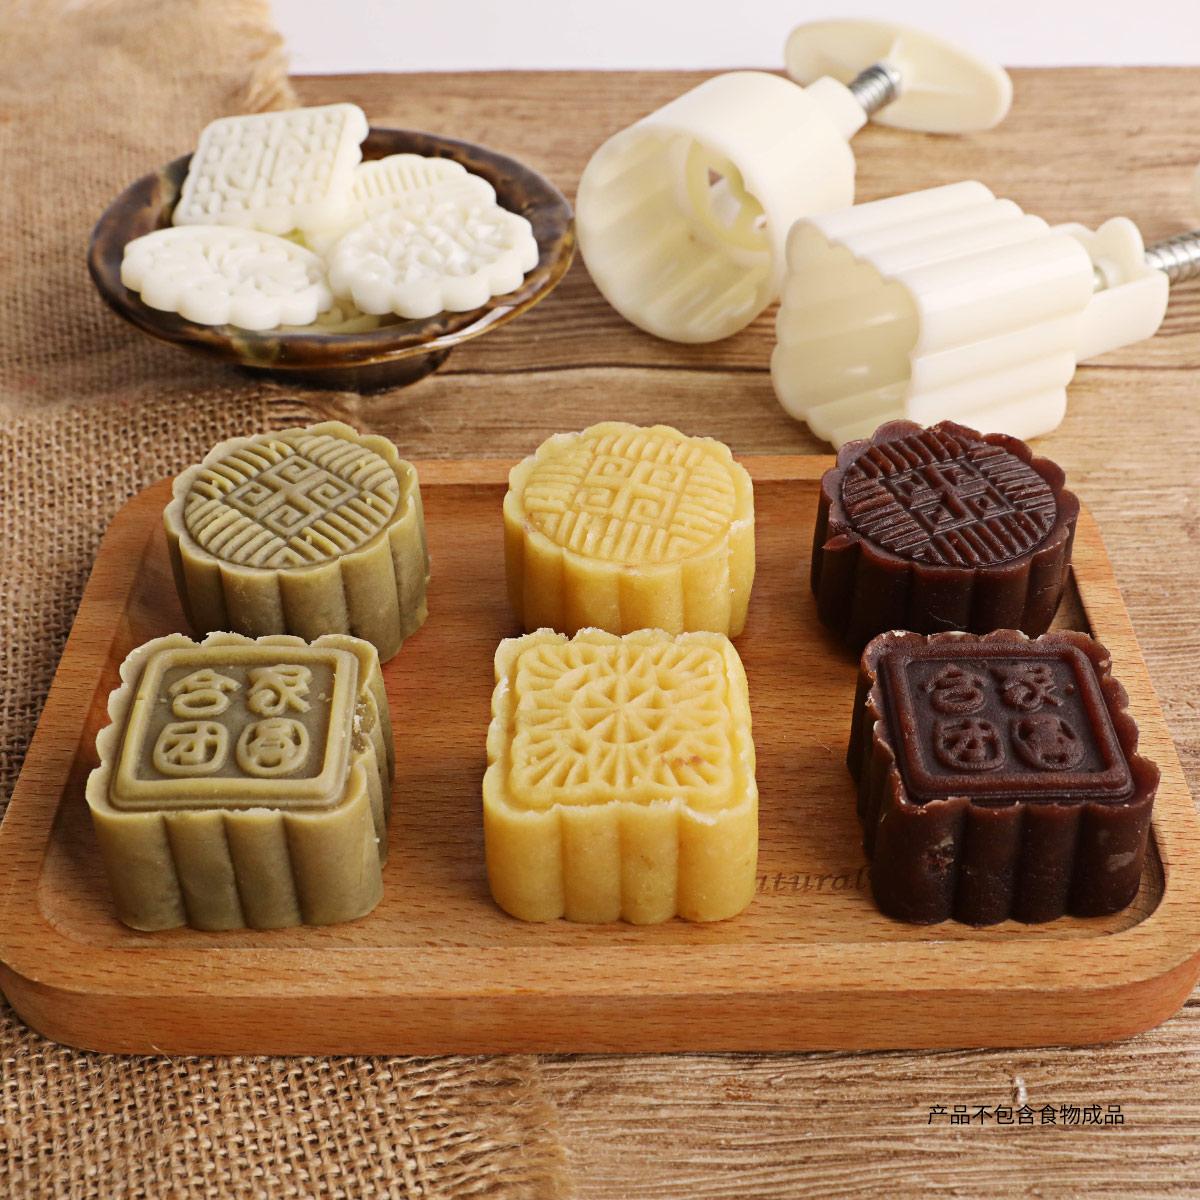 冰皮月饼模具手压式家用 做绿豆糕广式月饼50g100克烘焙糕点模具